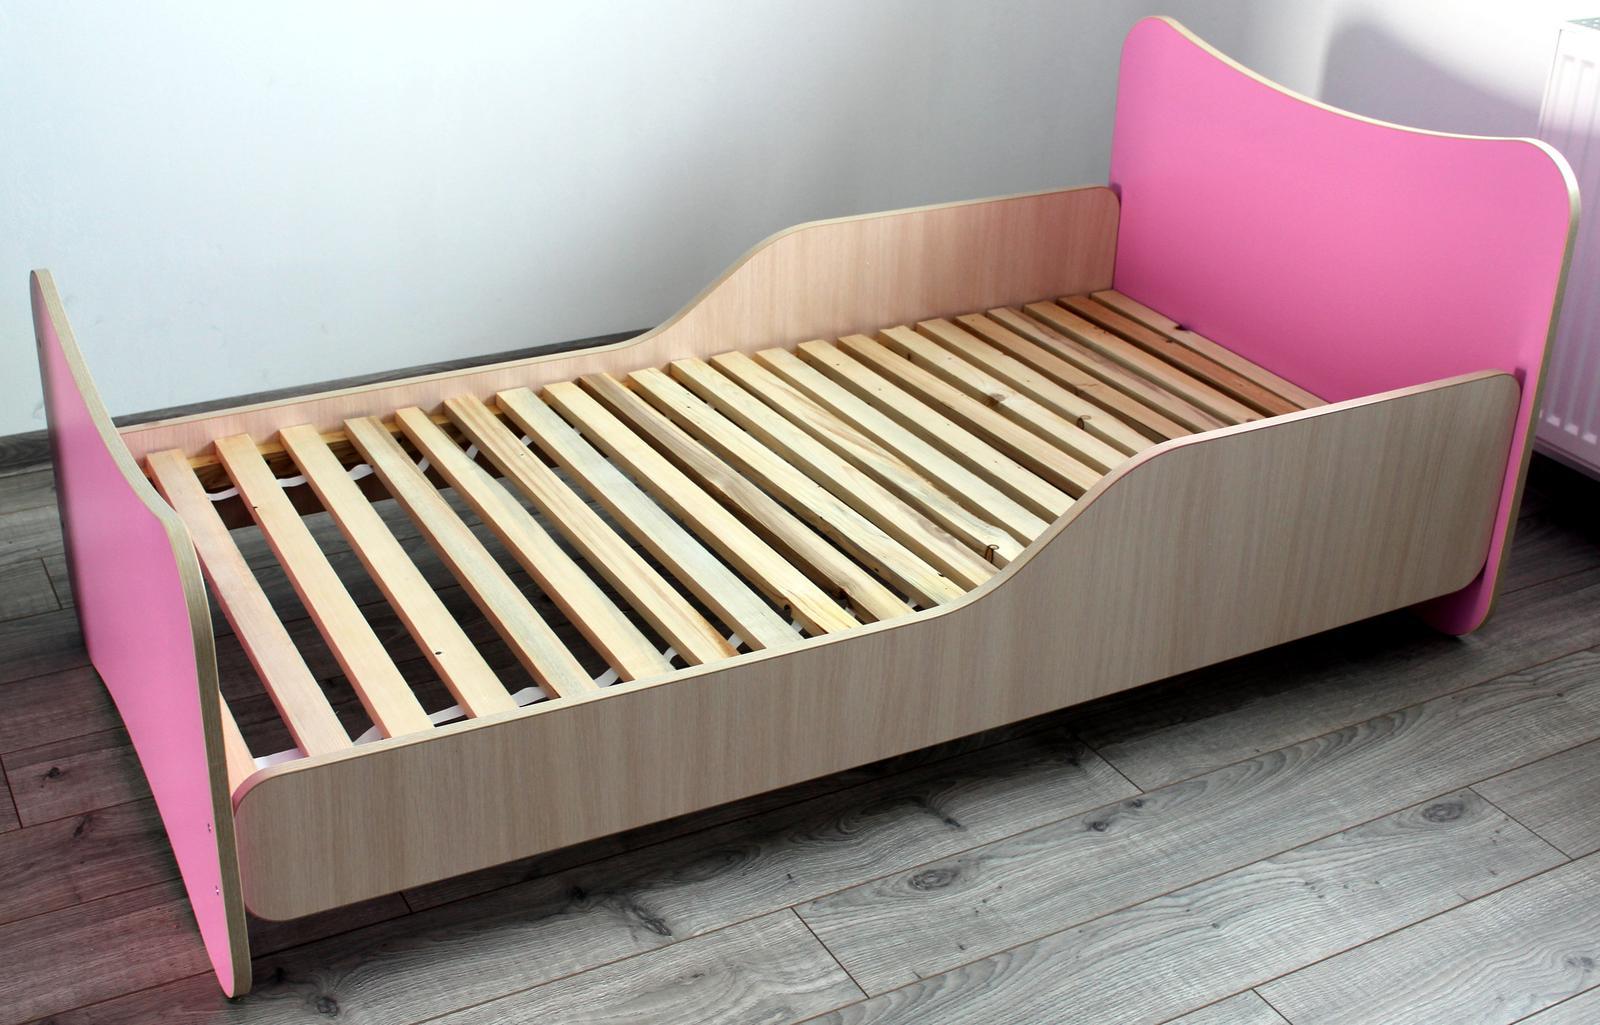 Dievcenska postel 85x165 - Obrázok č. 1